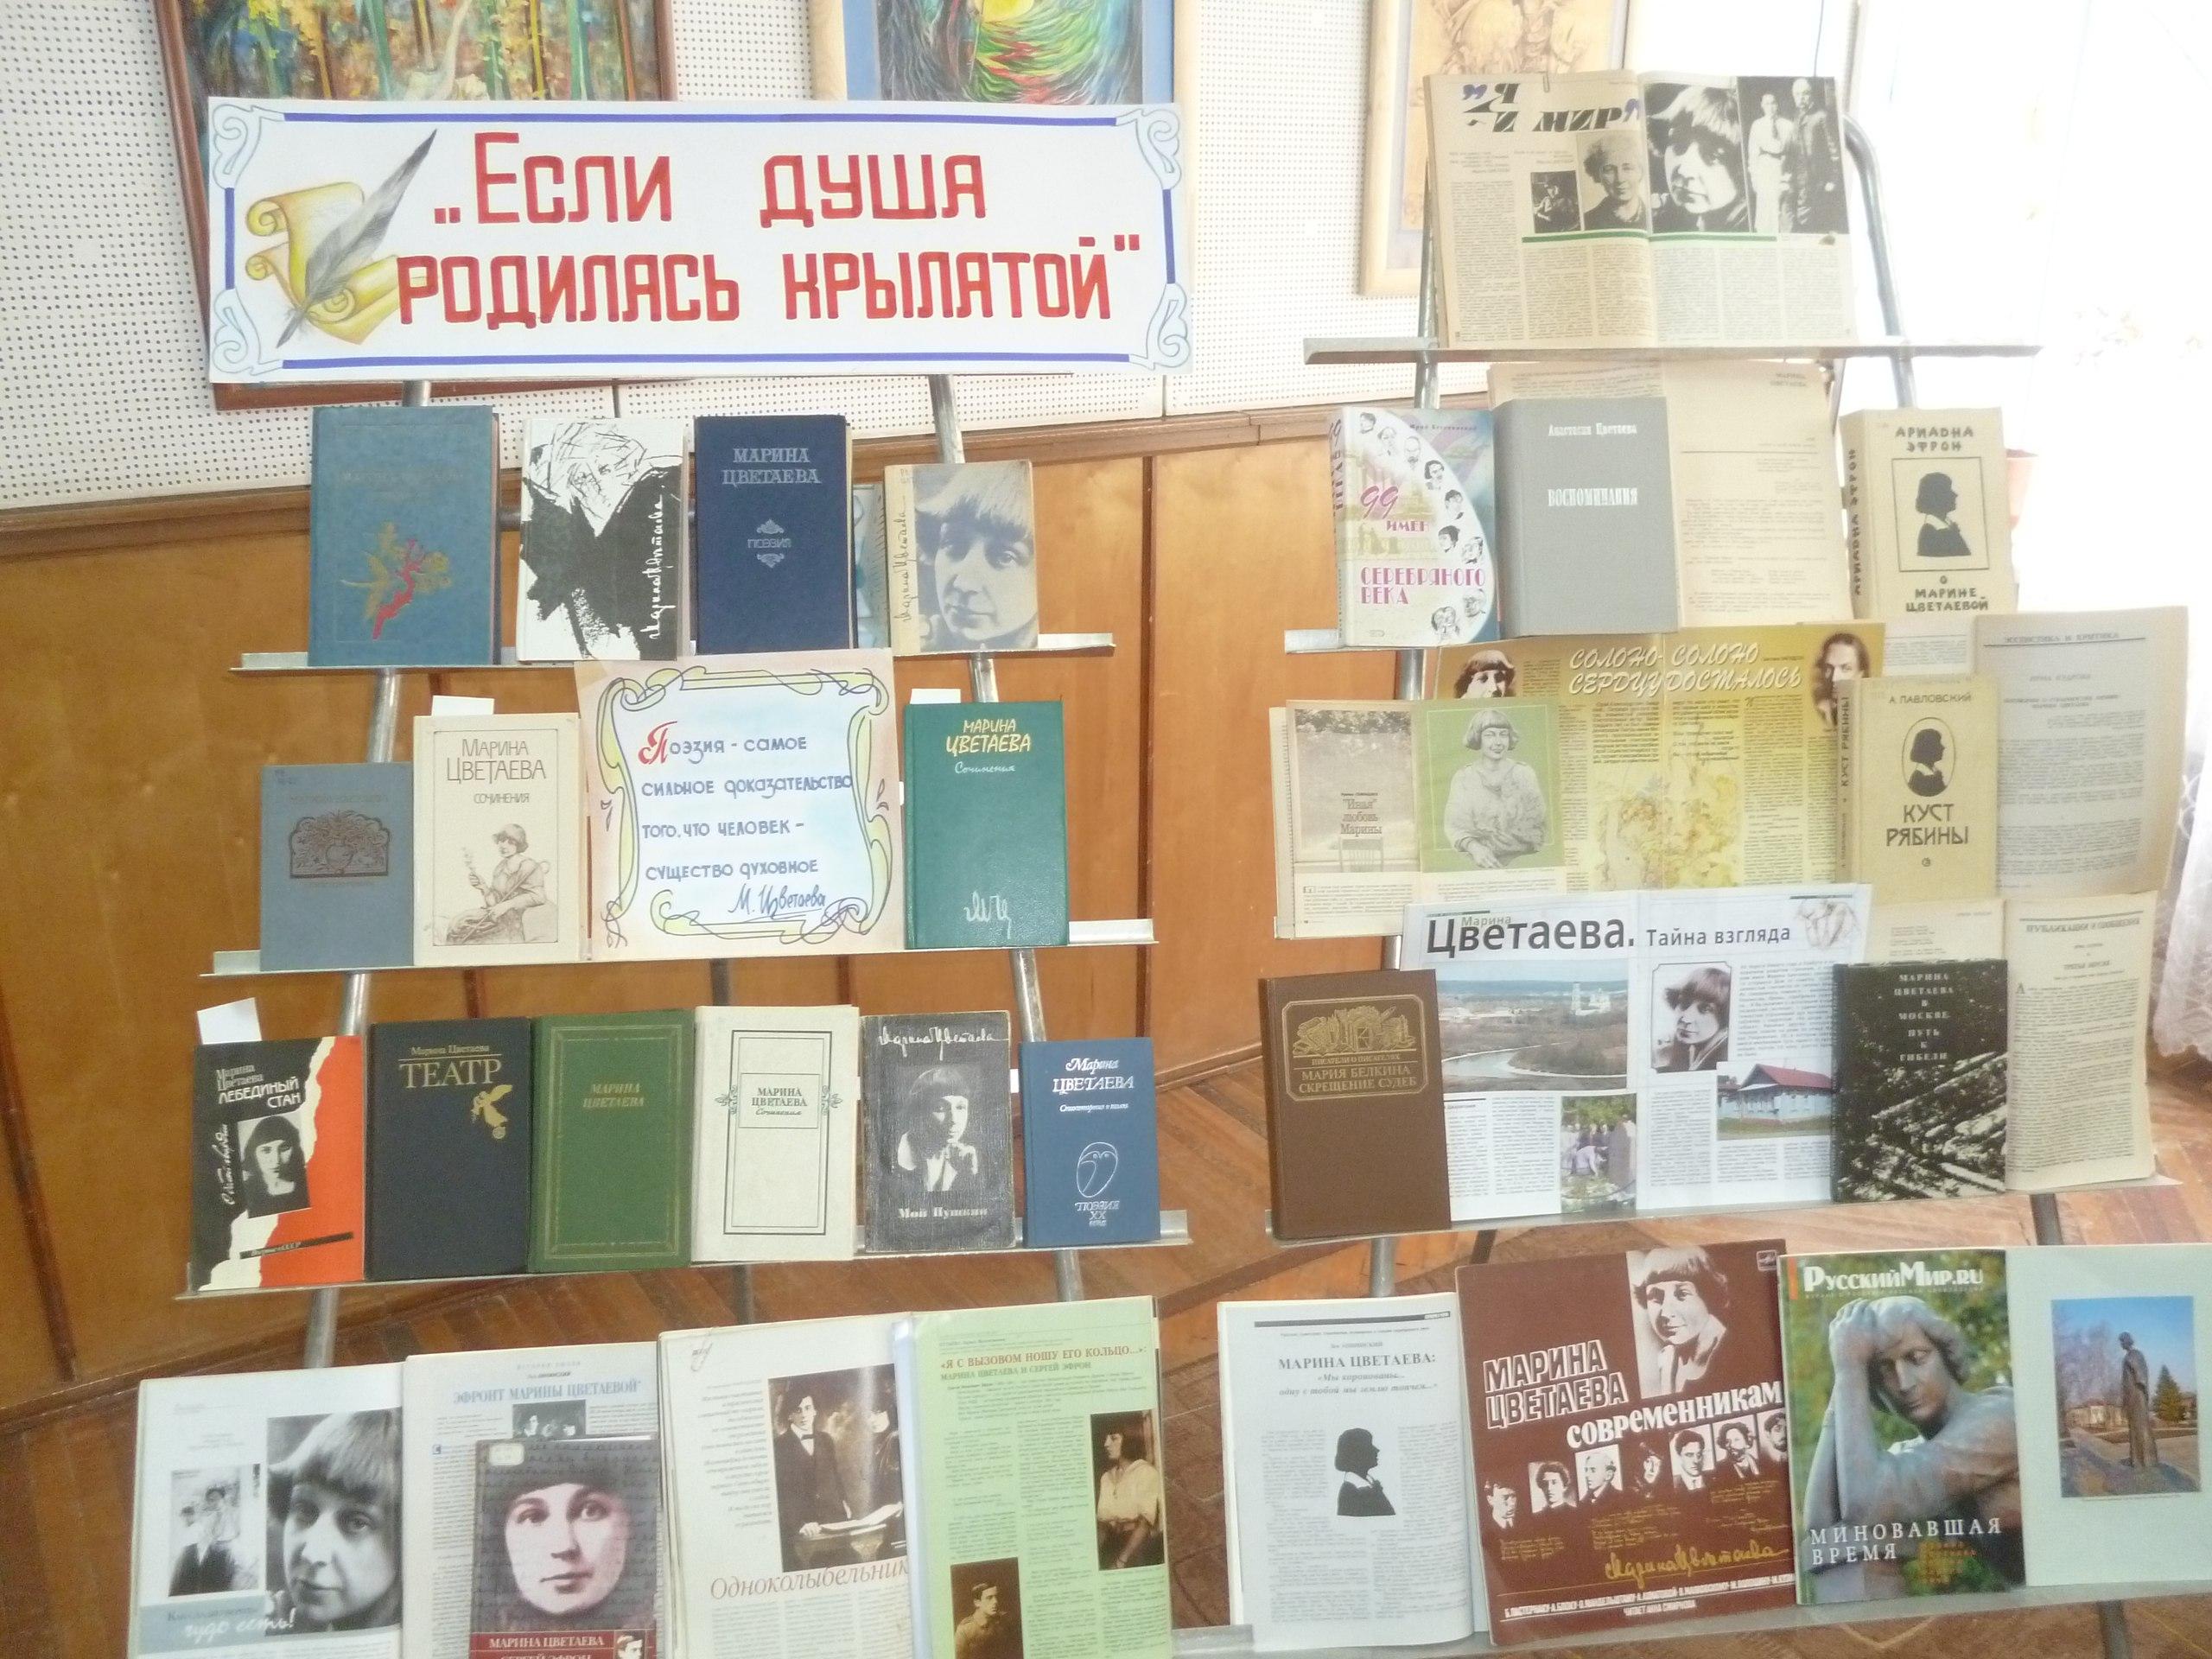 Мероприятие, посвящённое 125-летию М.И. Цветаевой